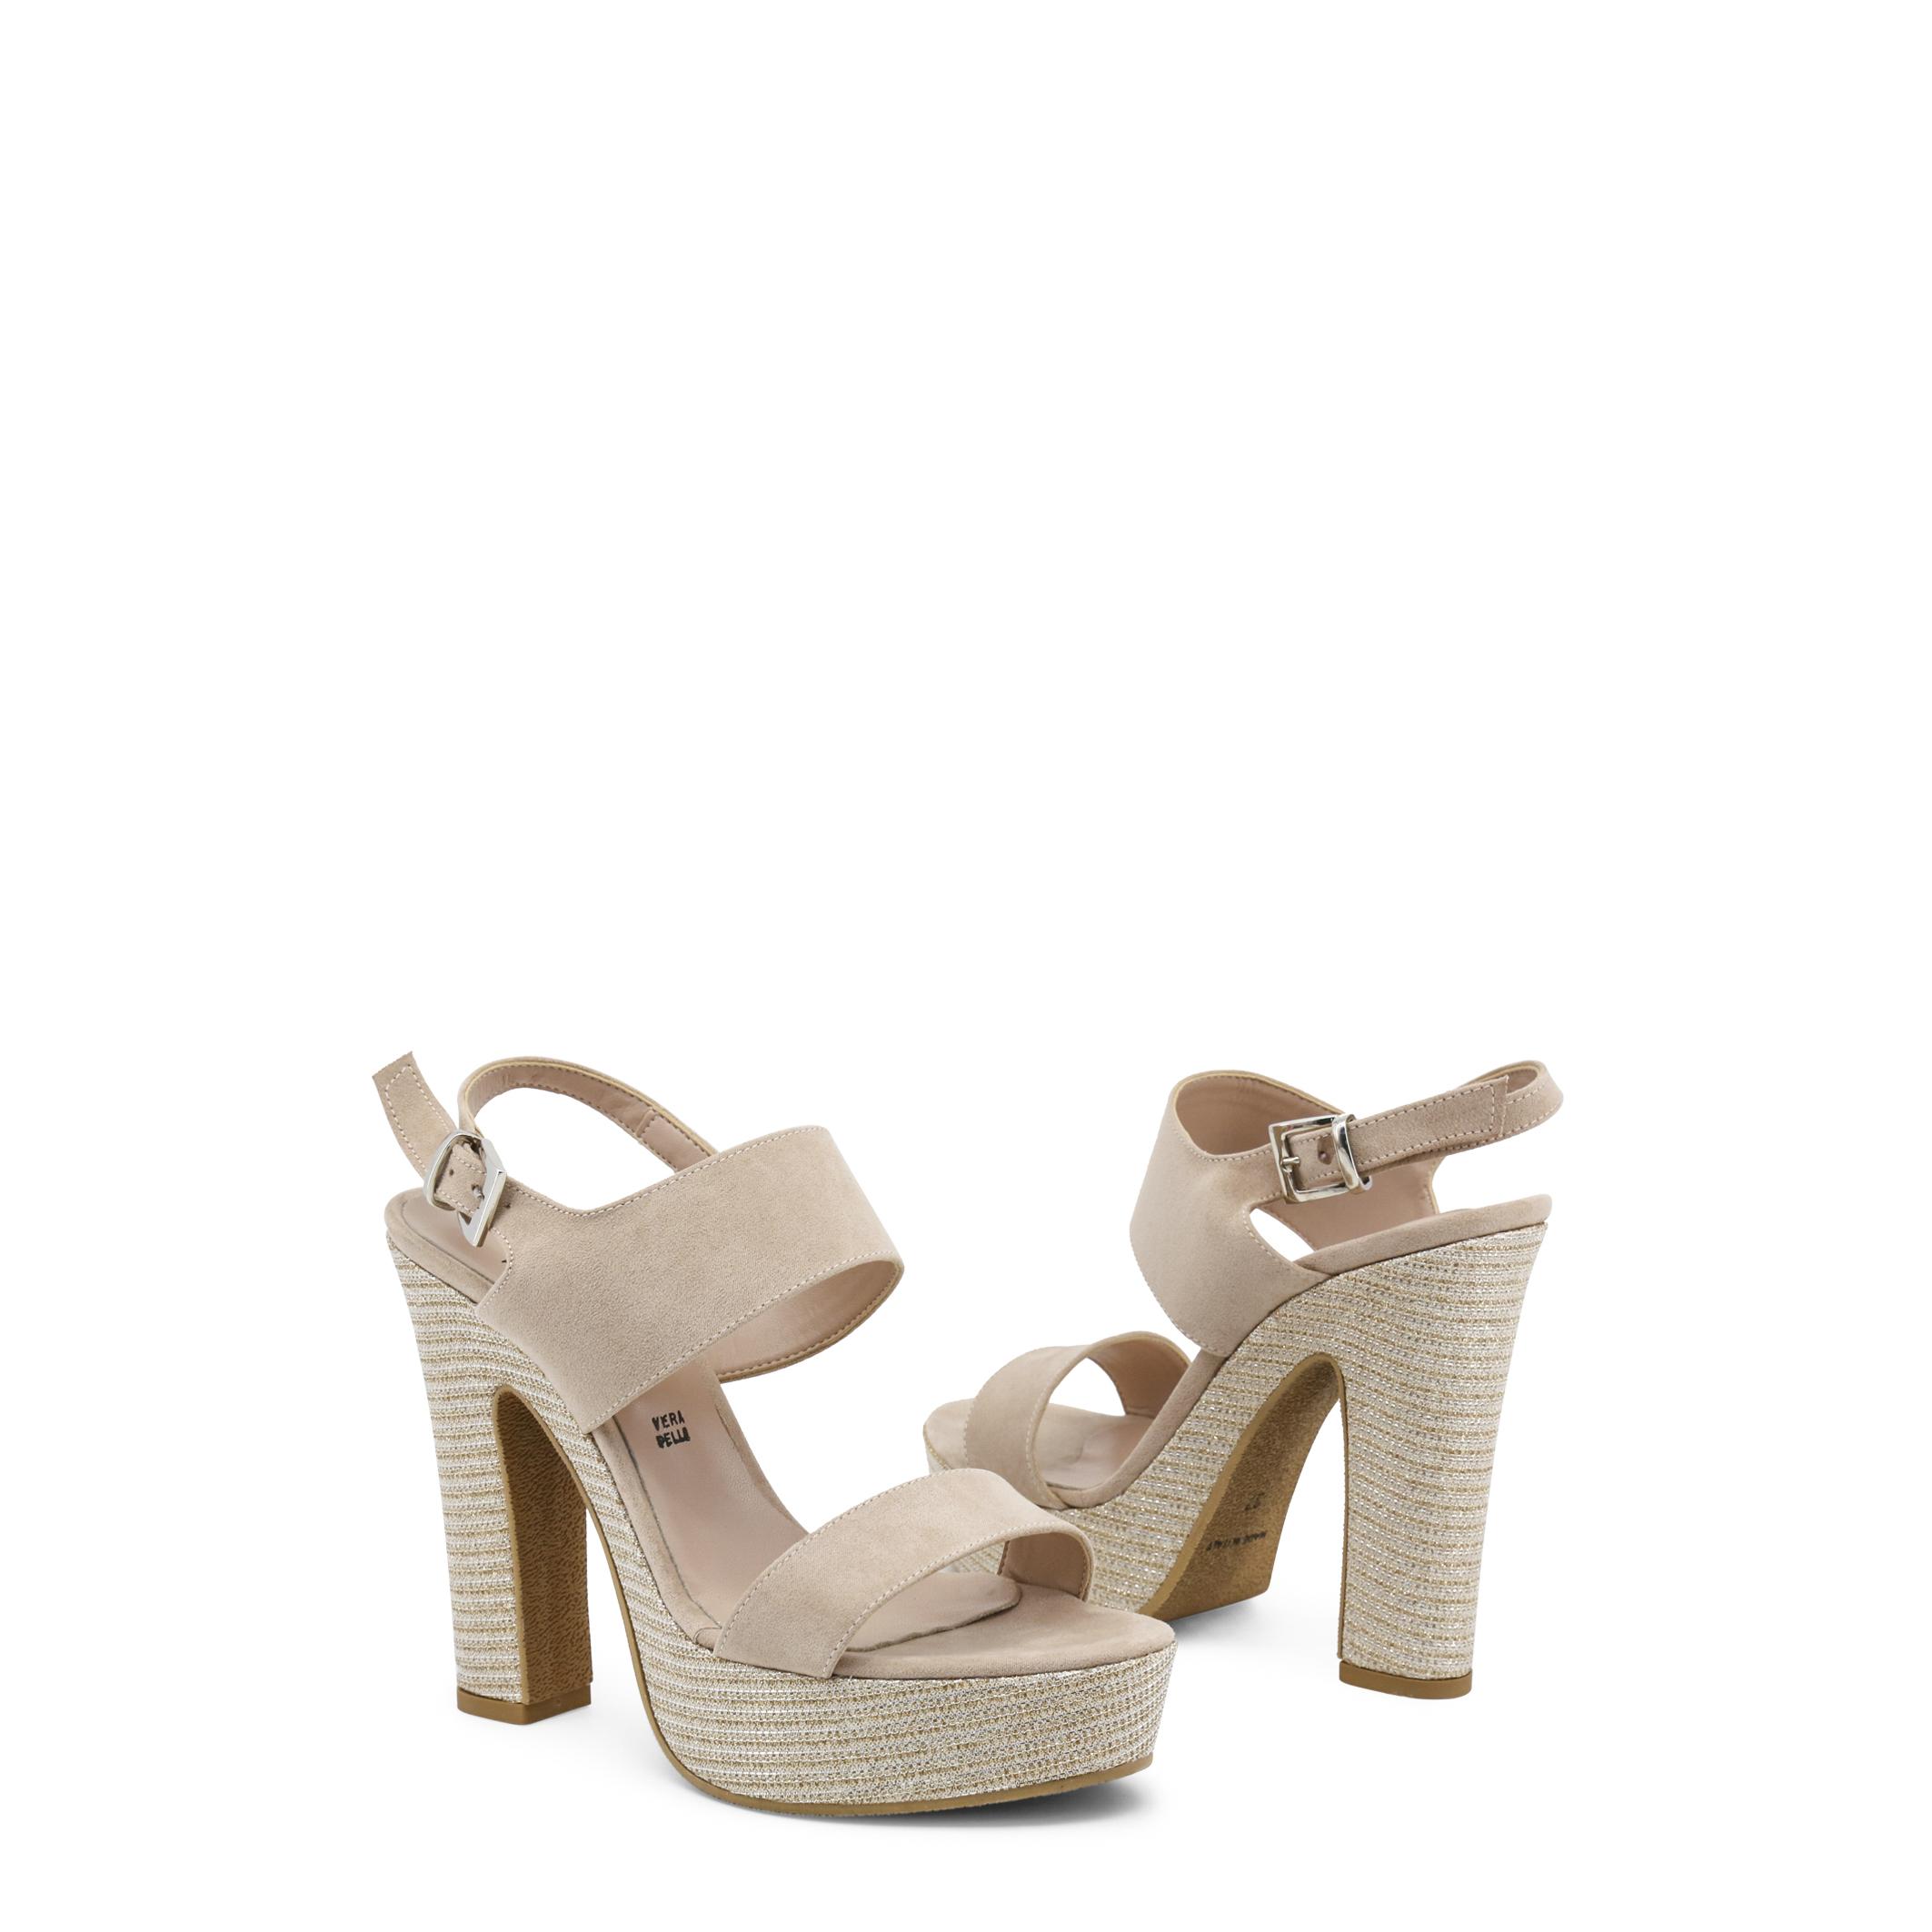 Chaussures Paris Hilton Femme Femme Femme 2212P,  s Bleu/Rose nu-pieds | Belle Et Charmante  | Art Exquis  e3246f